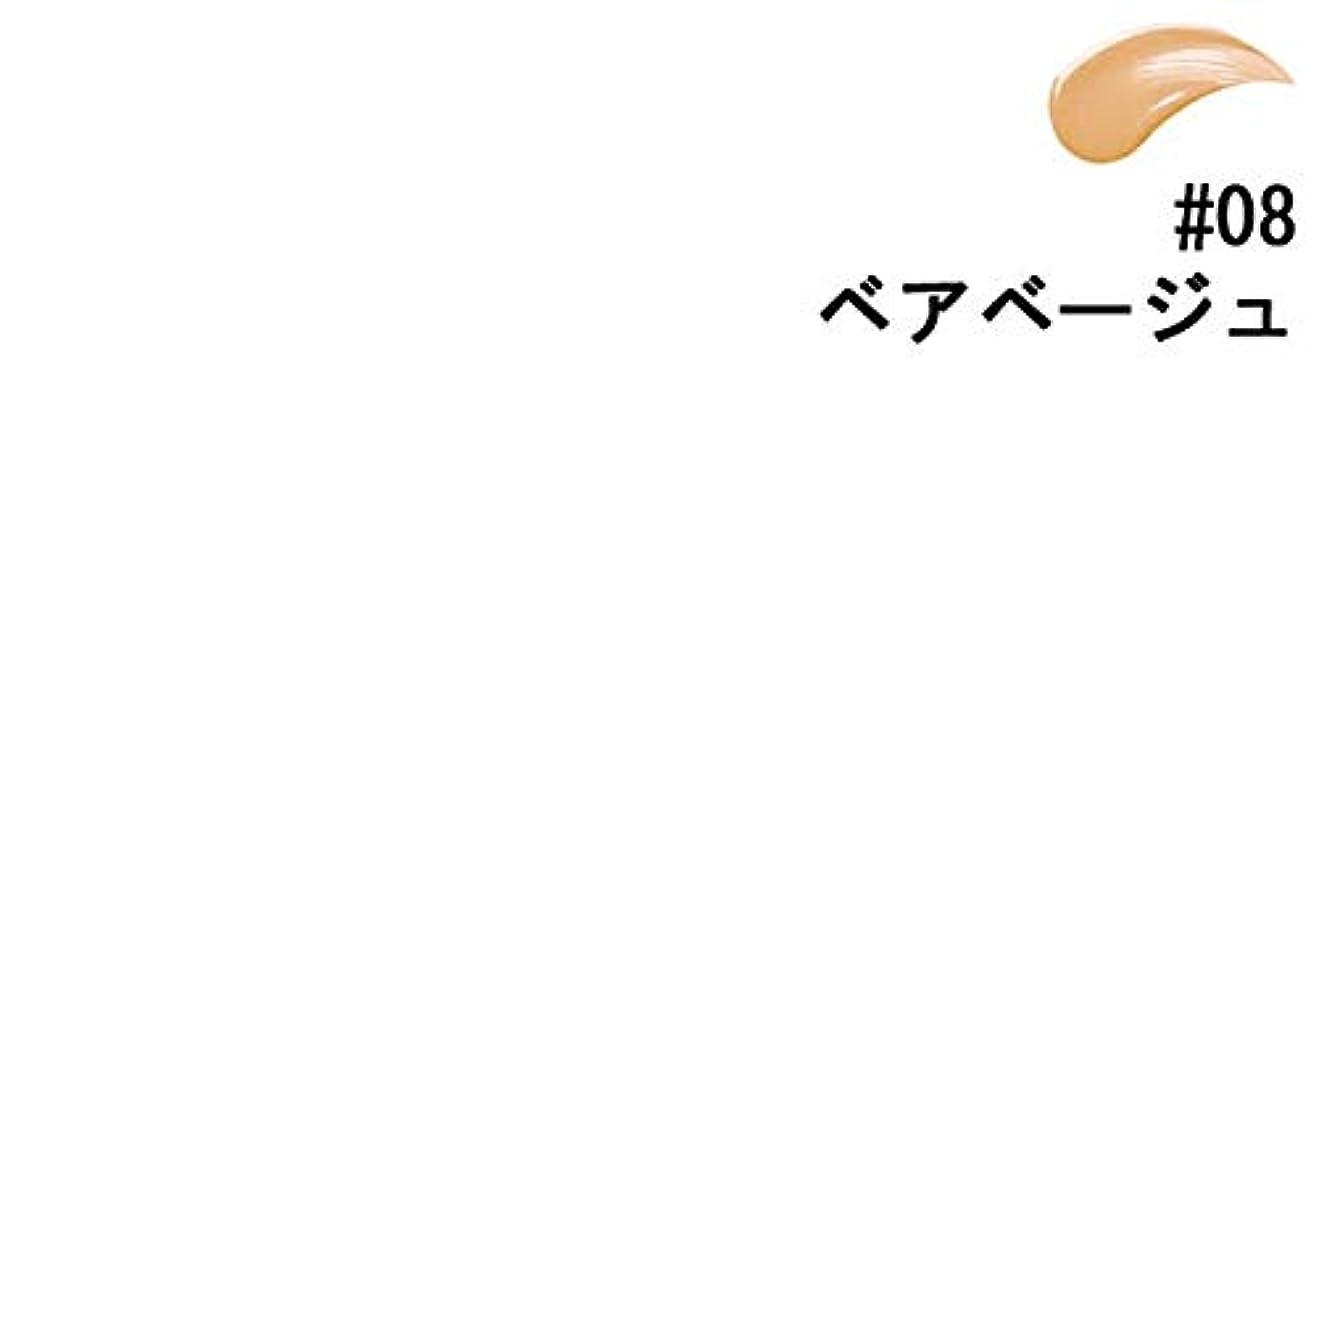 代数的贅沢発行する【ベアミネラル】ベアミネラル ベア ファンデーション #08 ベアベージュ 30ml [並行輸入品]